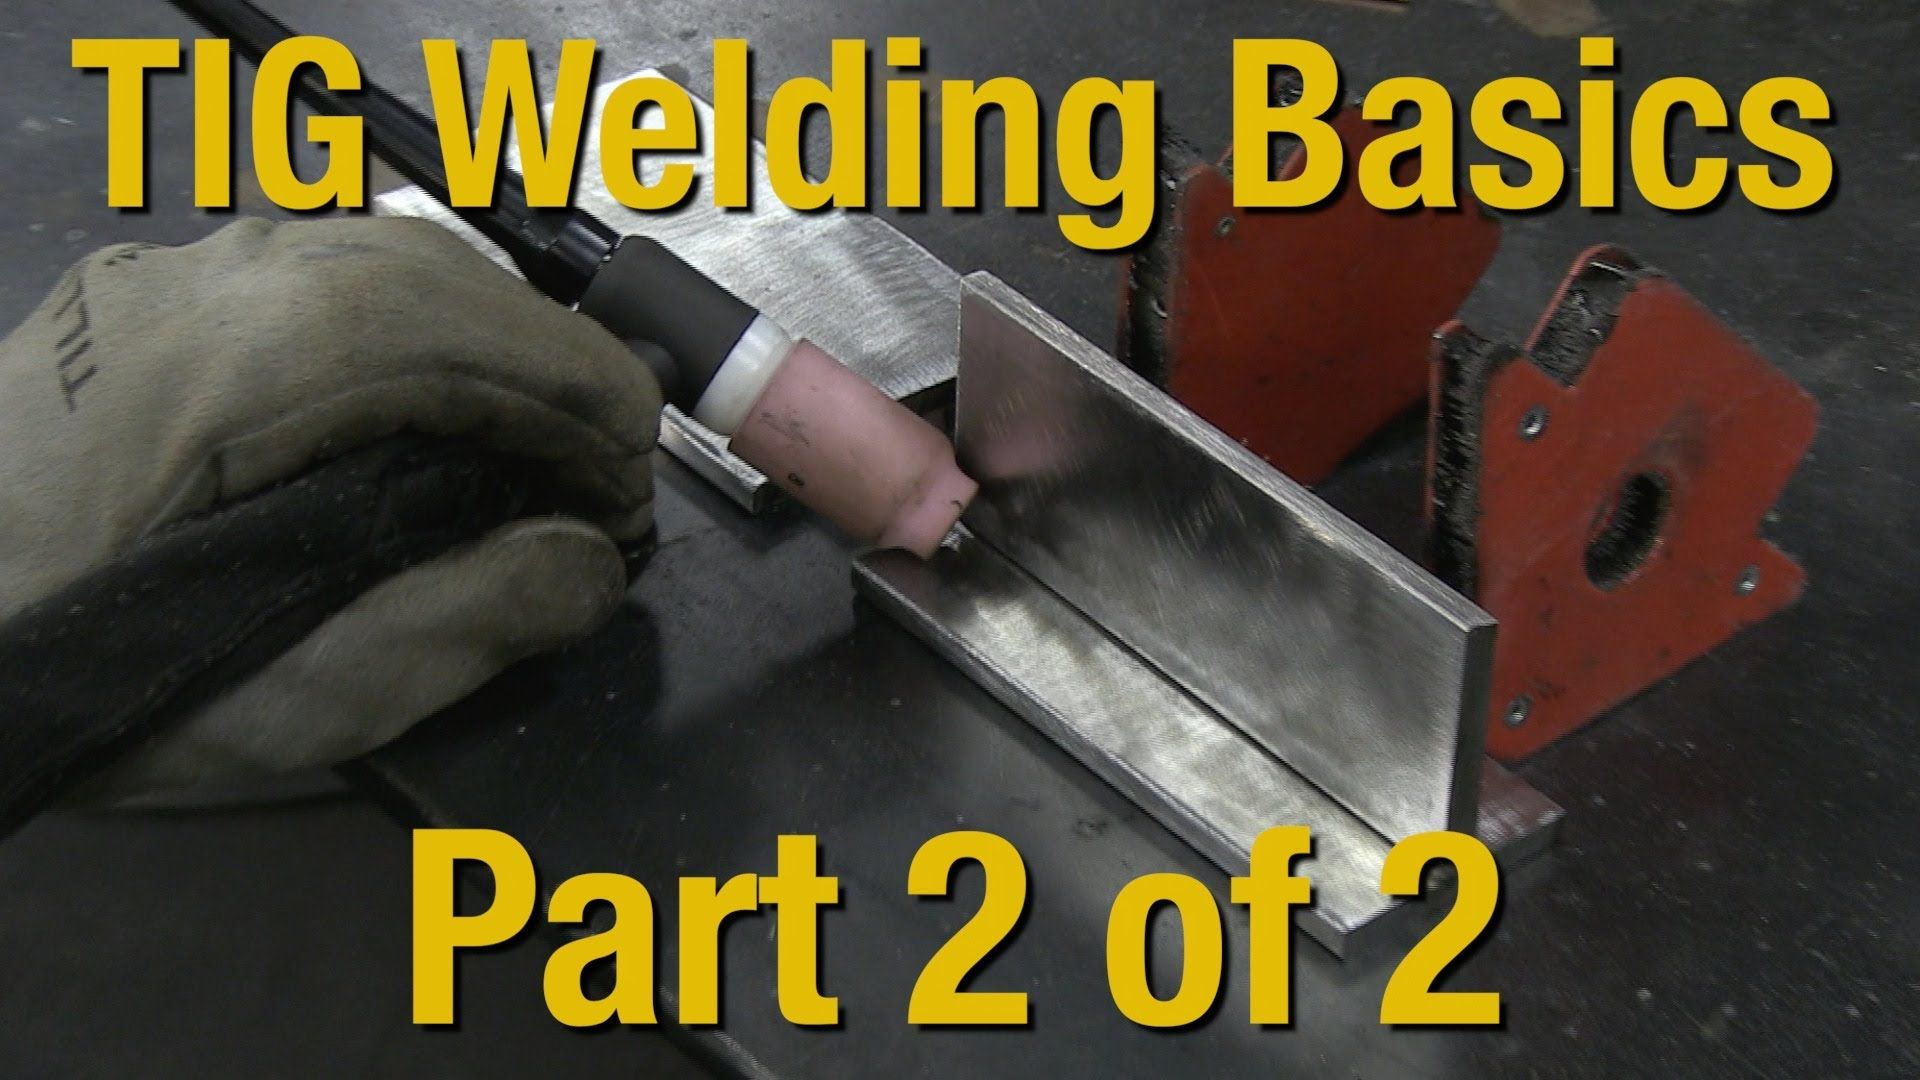 Welding Basics & Howto TIG Weld Livestream Part 2 of 2